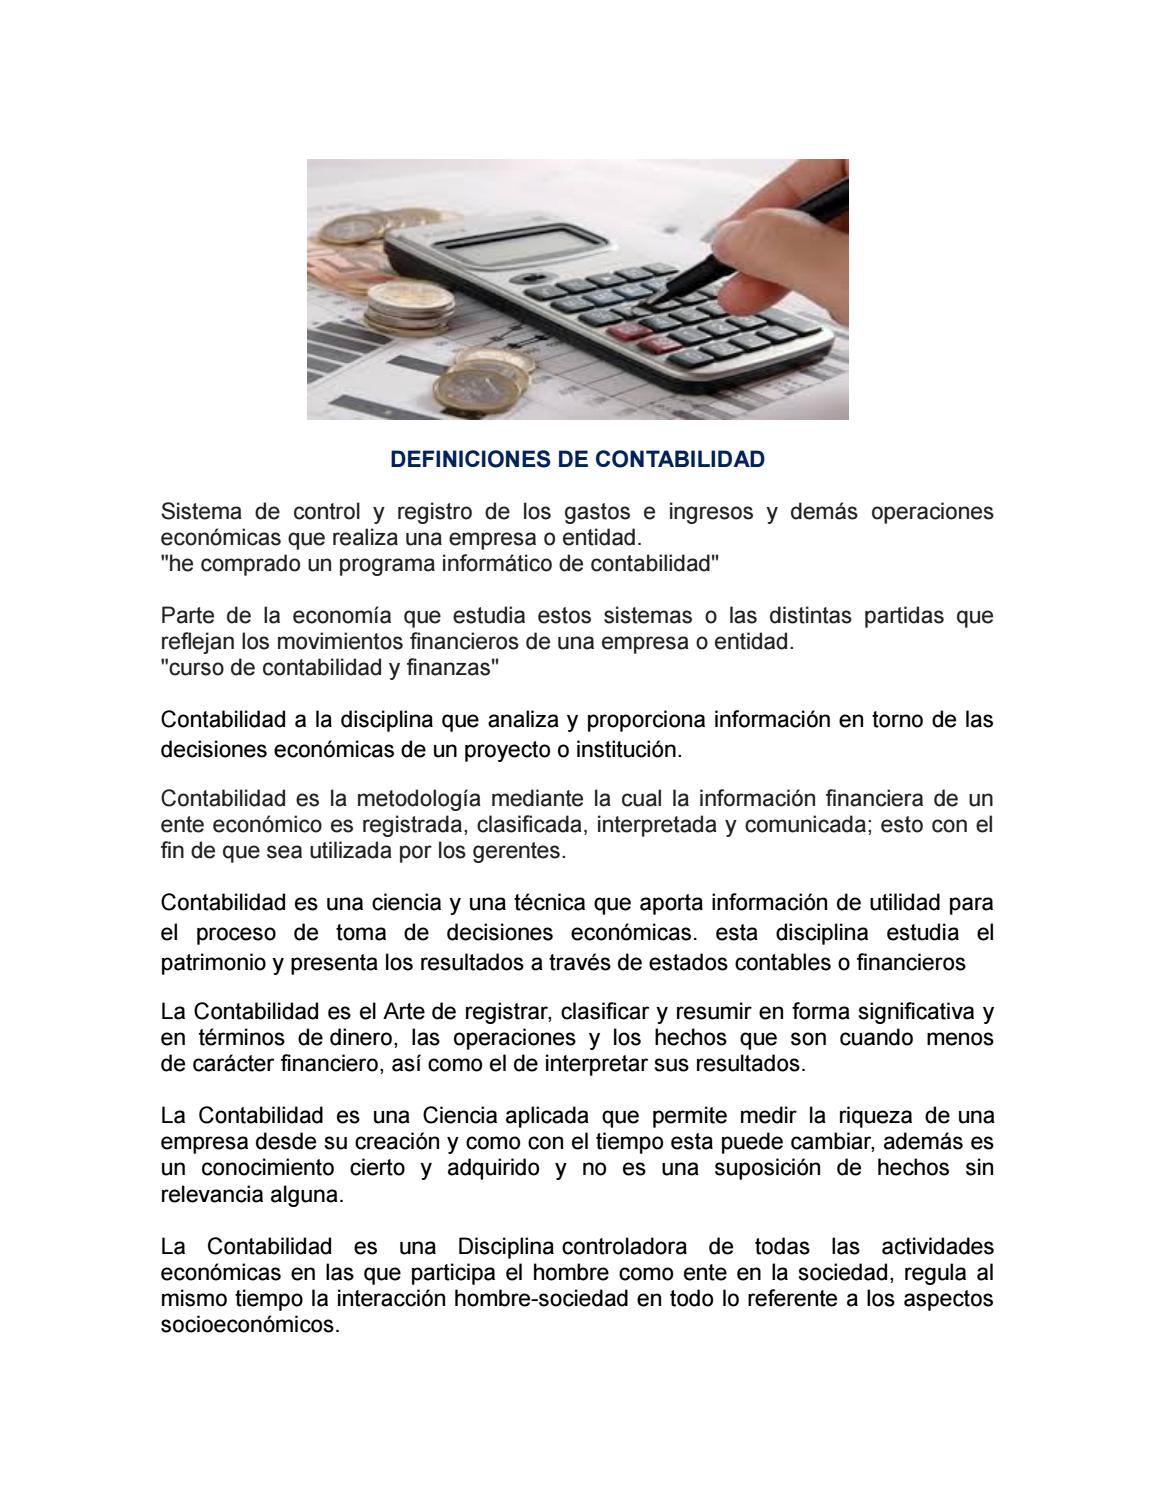 Definiciones de contabilidad by Mahely Villeda - issuu